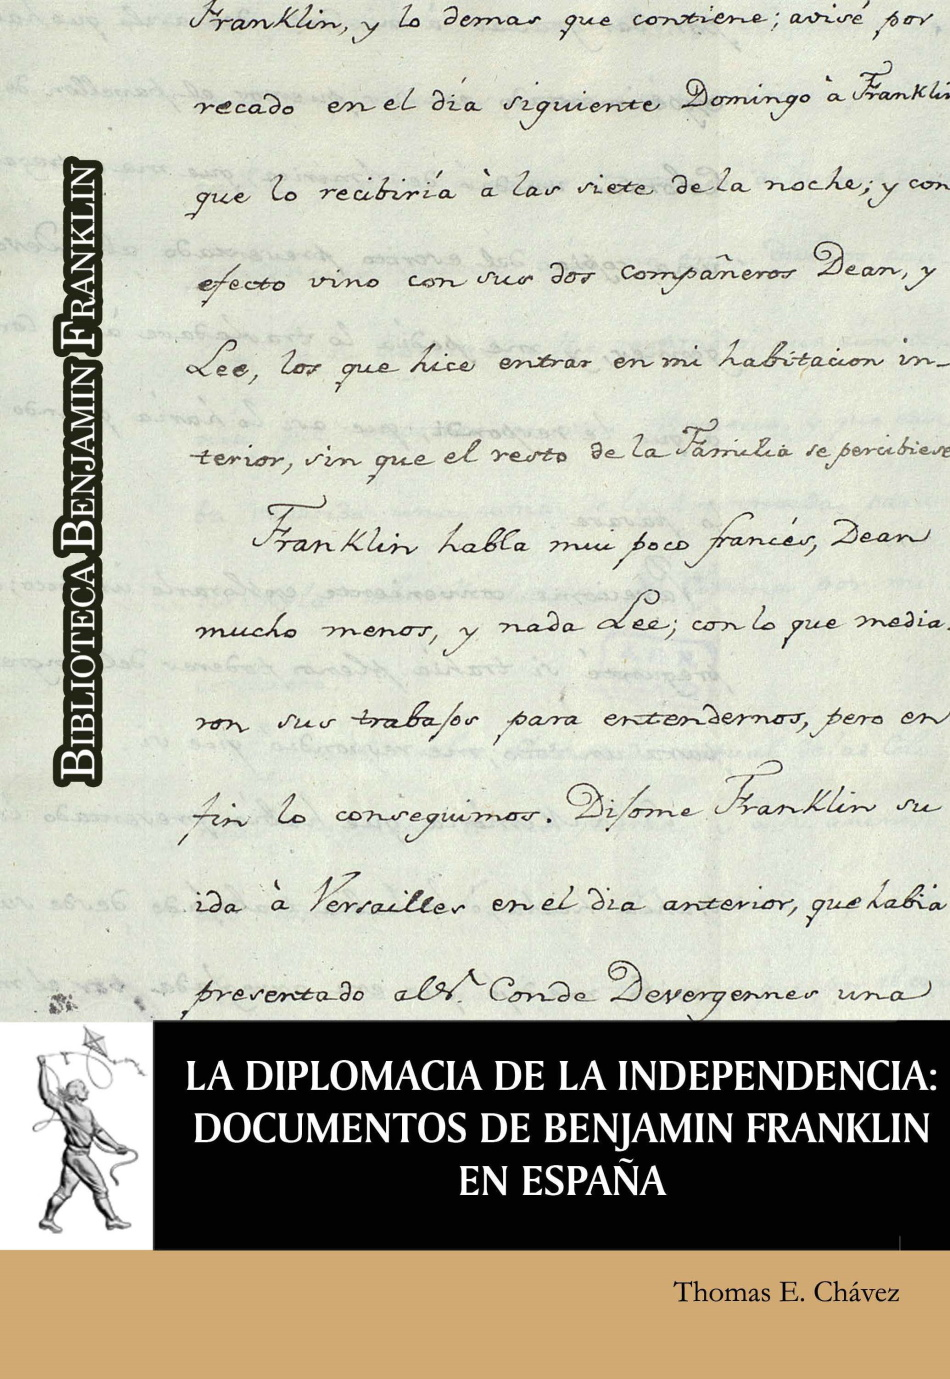 La diplomacia de la independencia: documentos de Benjamín Franklin en España